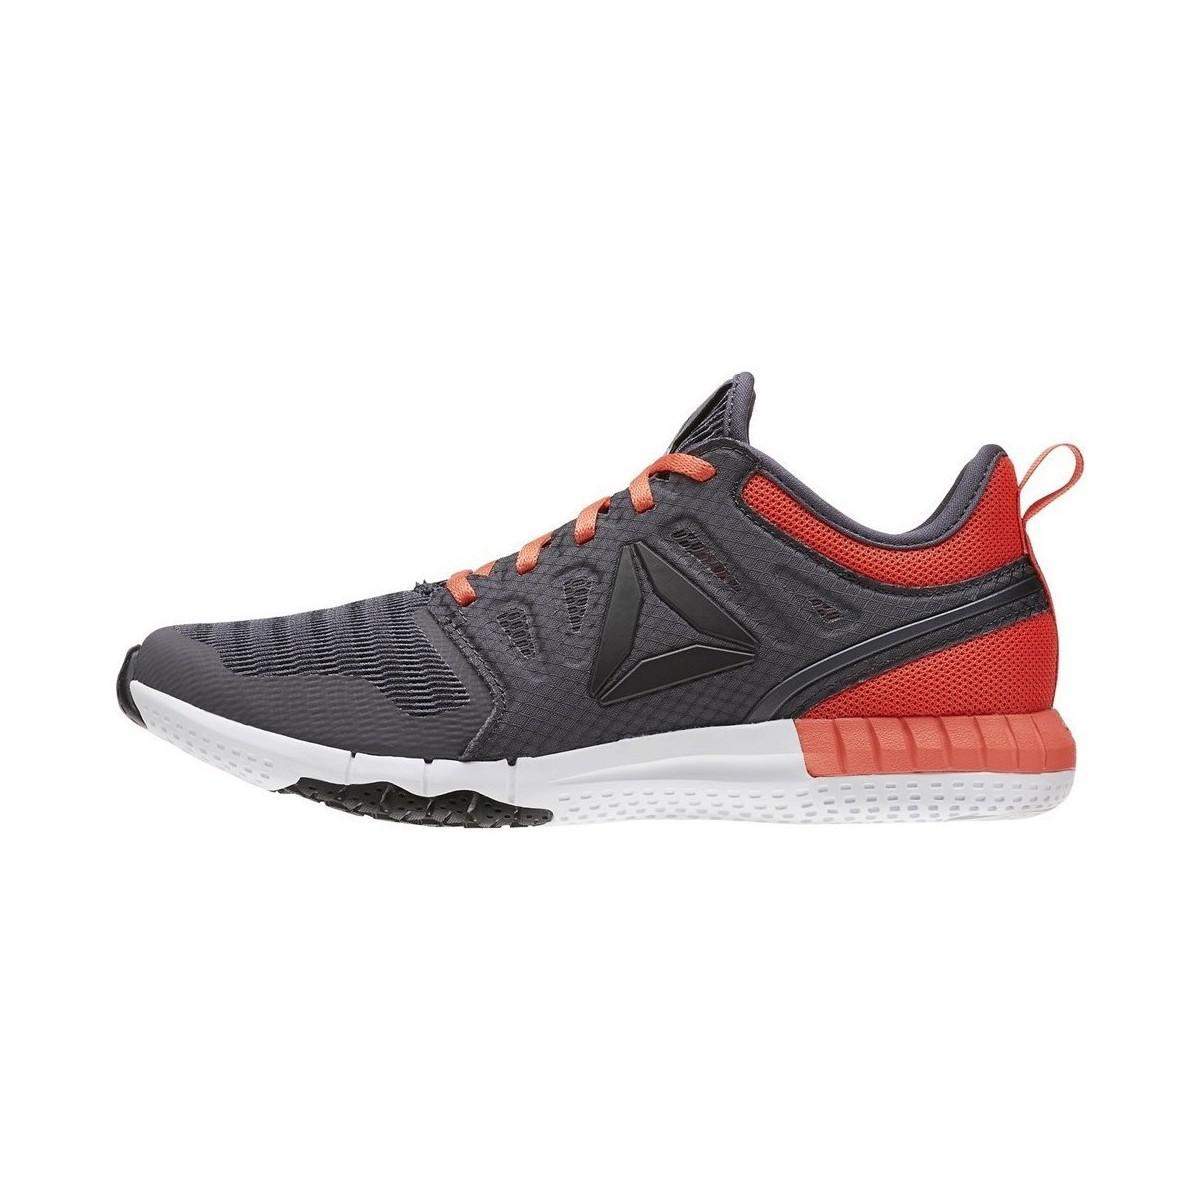 Reebok Zprint 3d Women's Shoes (trainers) In Red